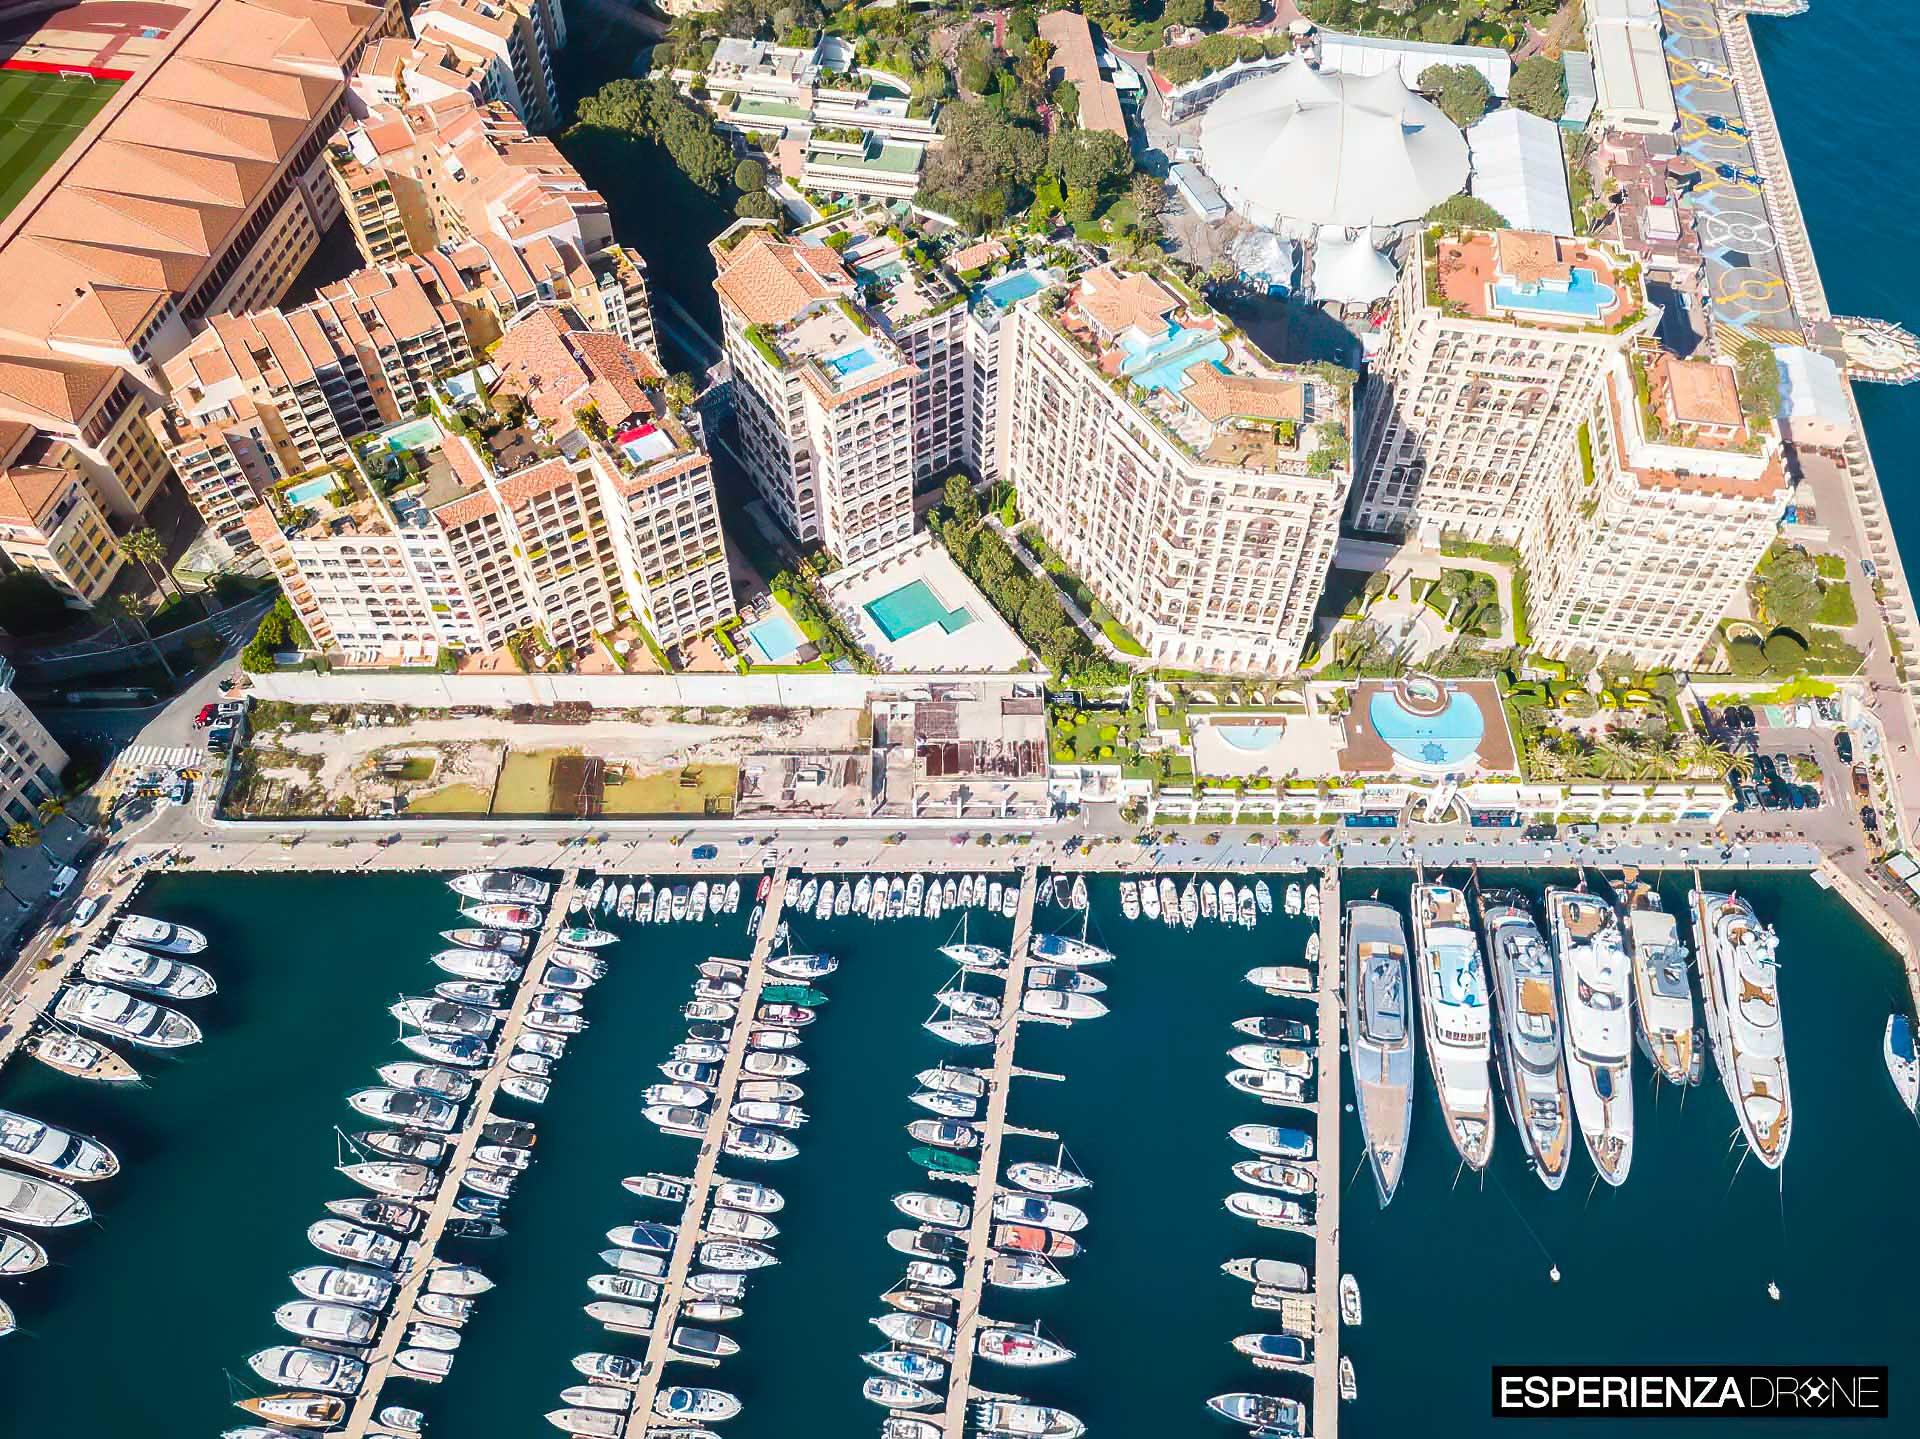 esperienza drone immagine aerea portfolio panoramica architettura piuarch_cap dail francia studio recupero edilizio fronte porto.jpg